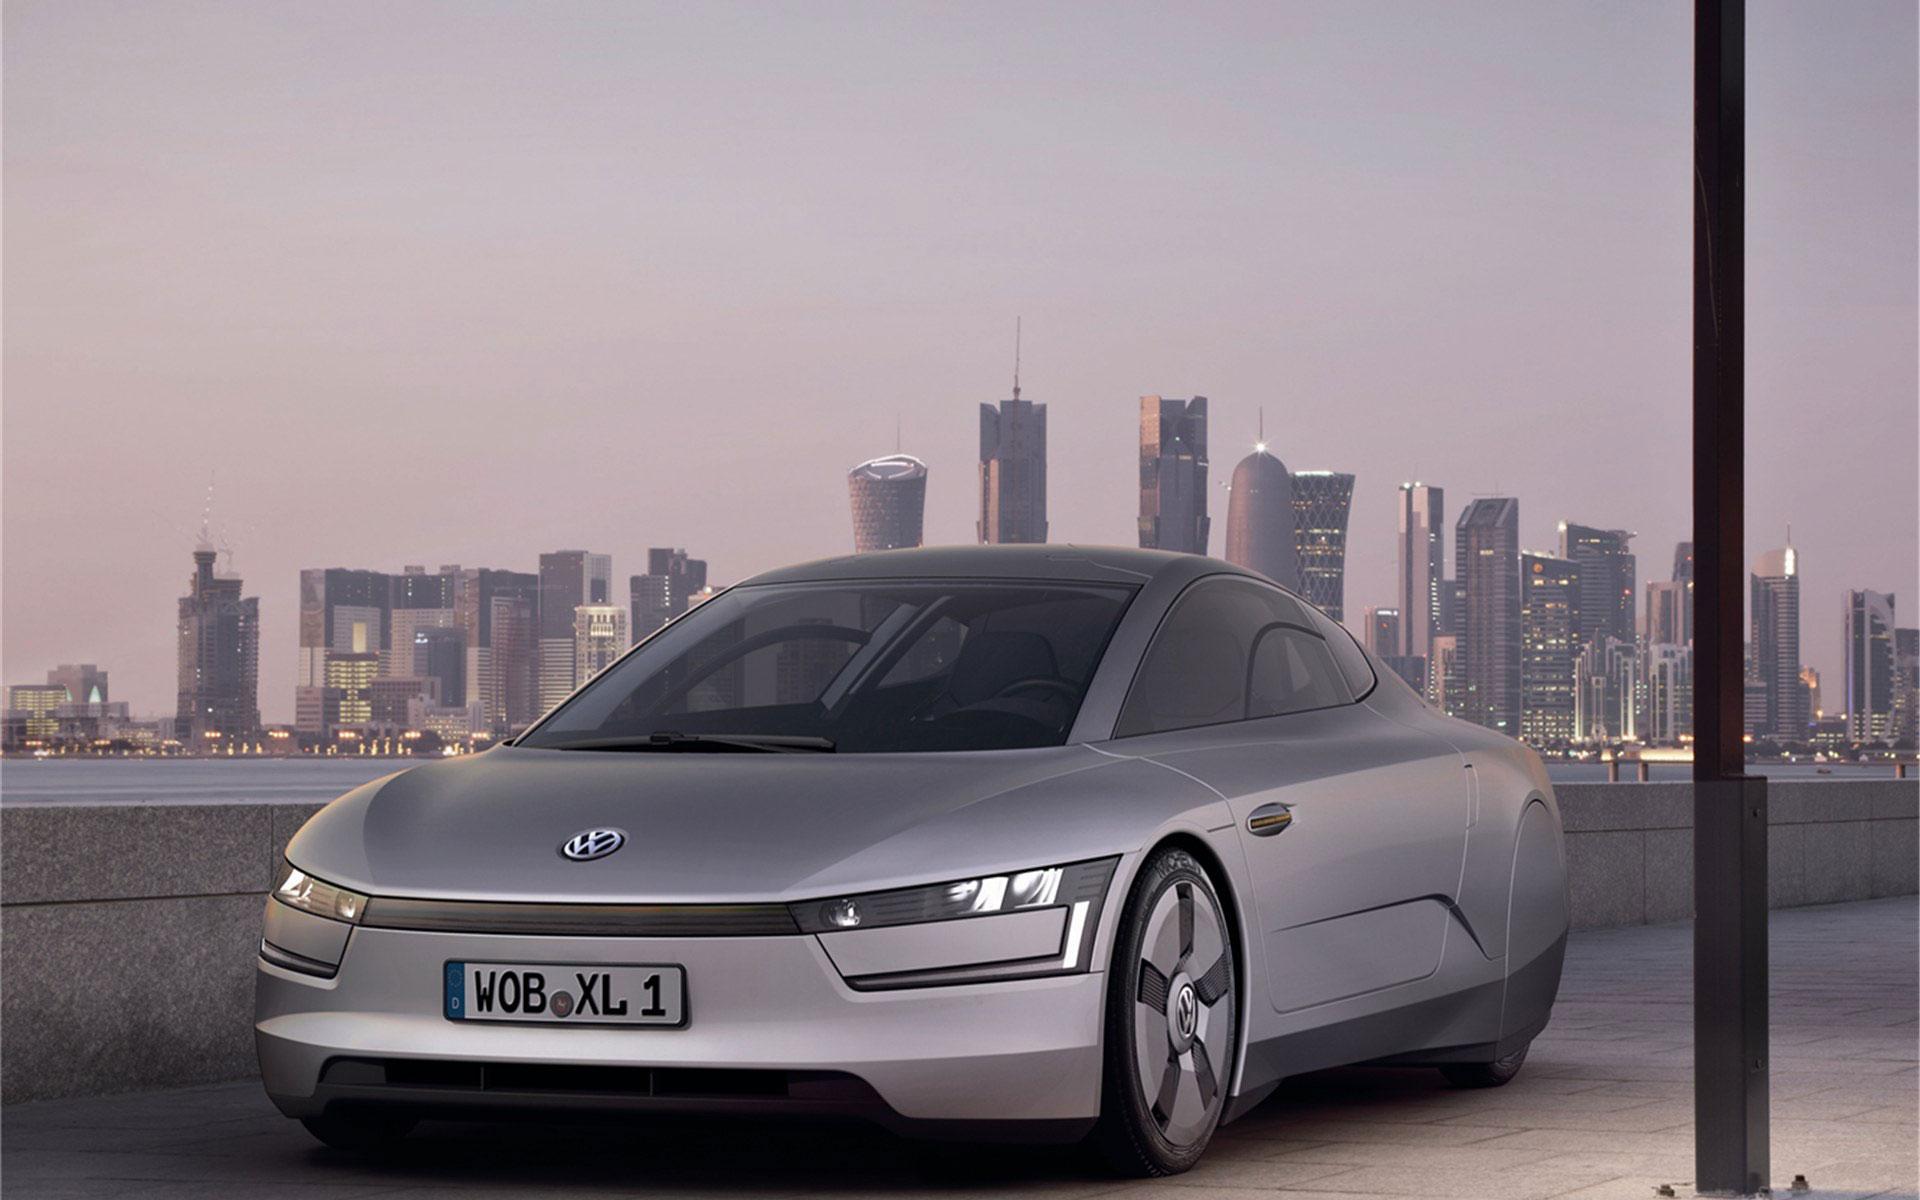 大众将开启新能源时代 混合动力车2016年国产 高清图片